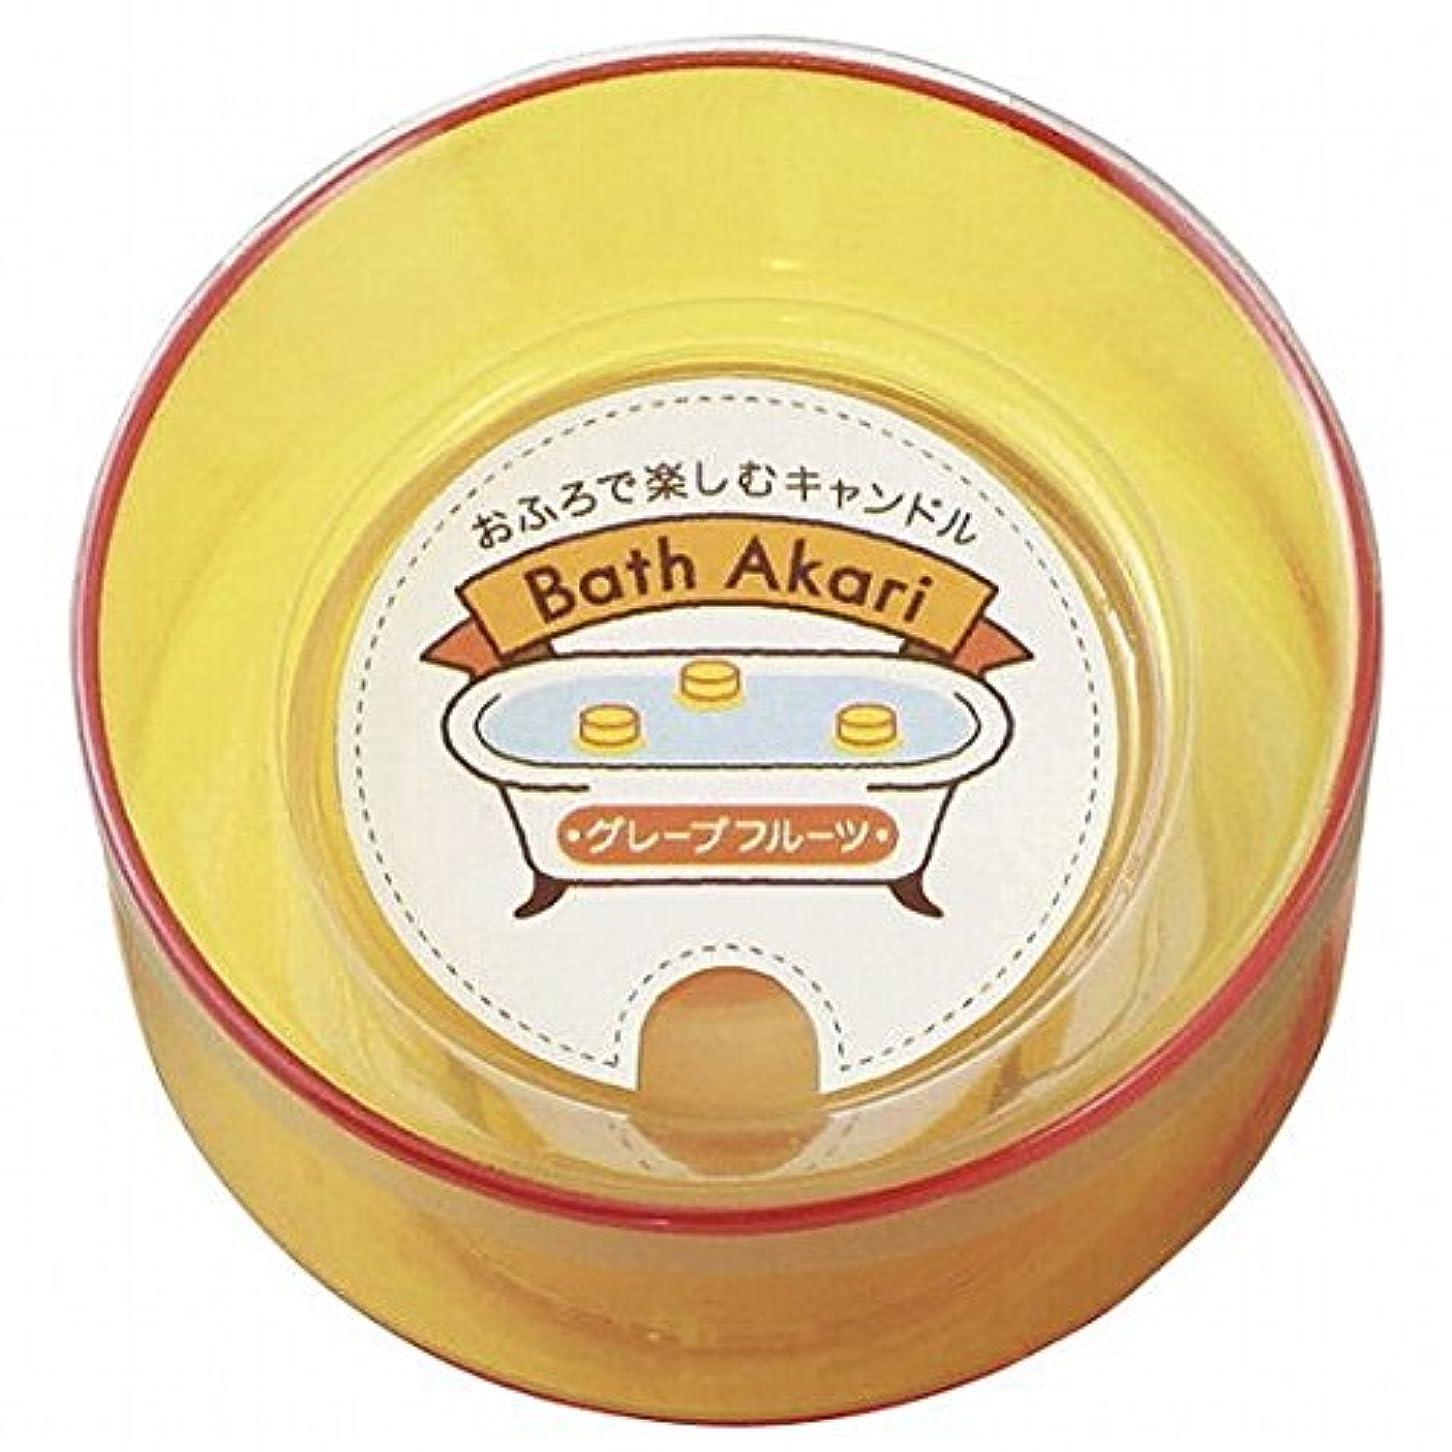 マンモスバレル毒性カメヤマキャンドル( kameyama candle ) バスあかり (水に浮く?お風呂キャンドル) 「グレープフルーツ」 12個入り